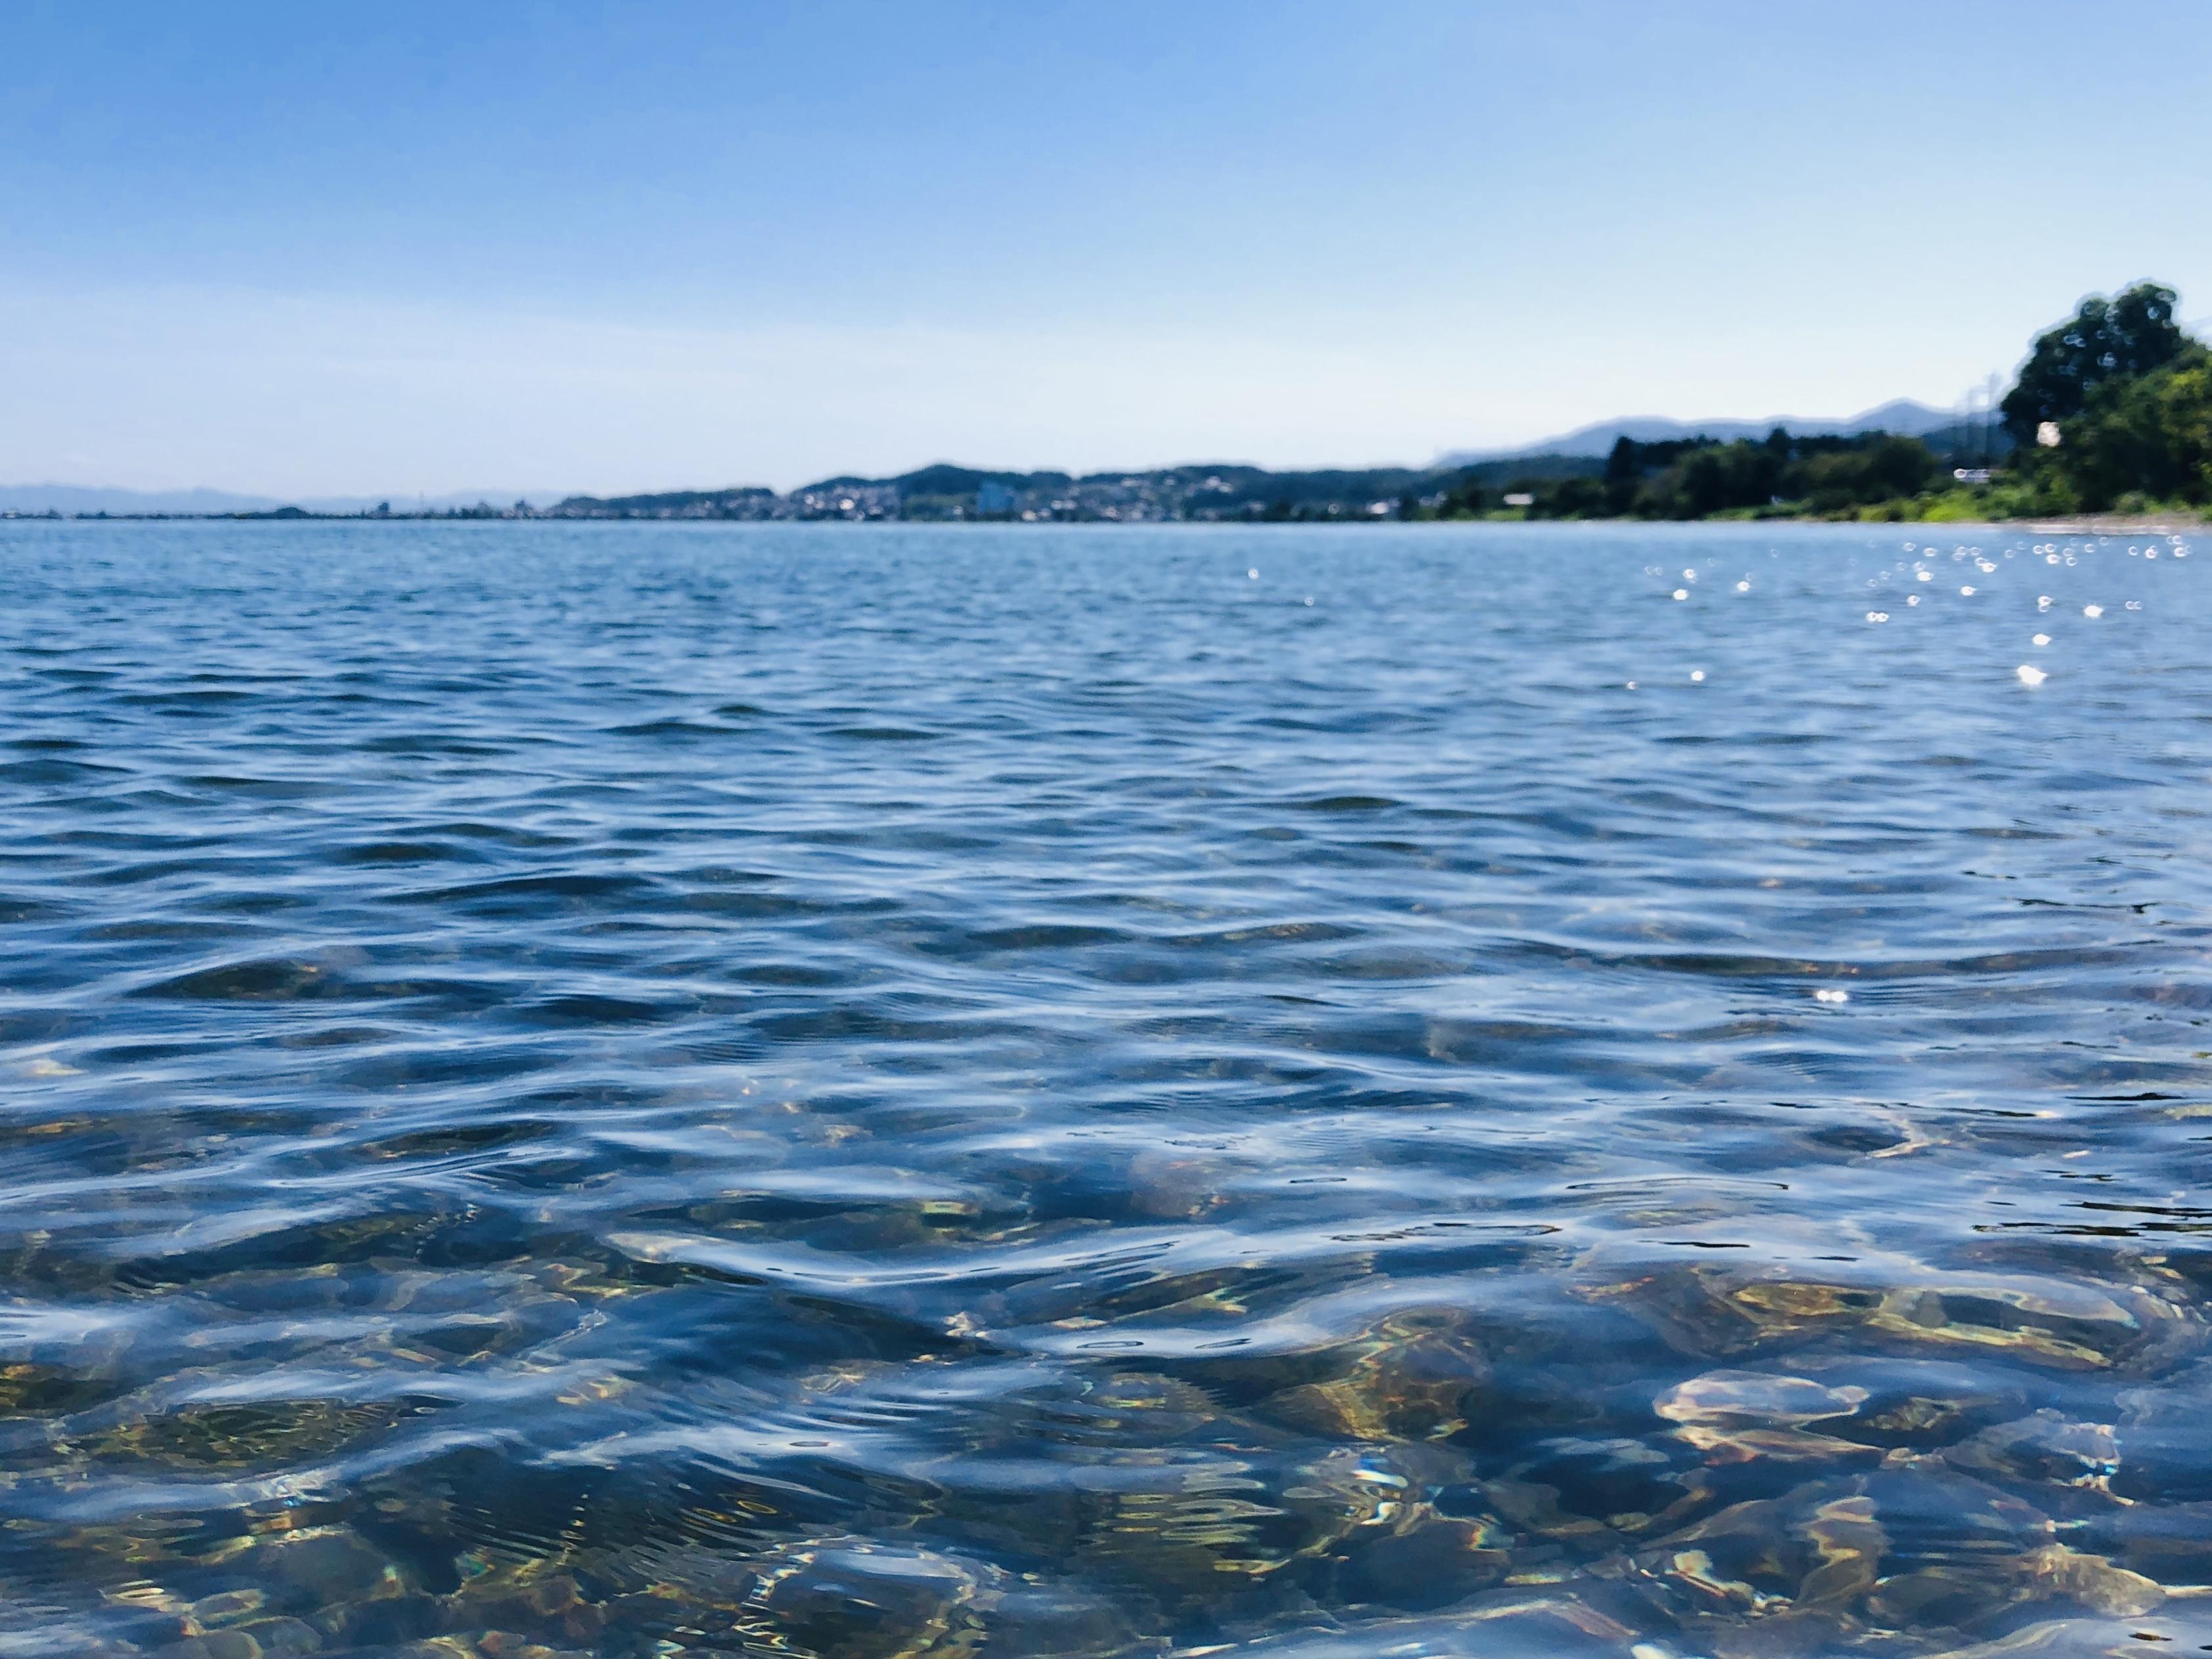 琵琶湖の水温、放水量、水位などがリアルタイムで見れるサイトをご紹介!